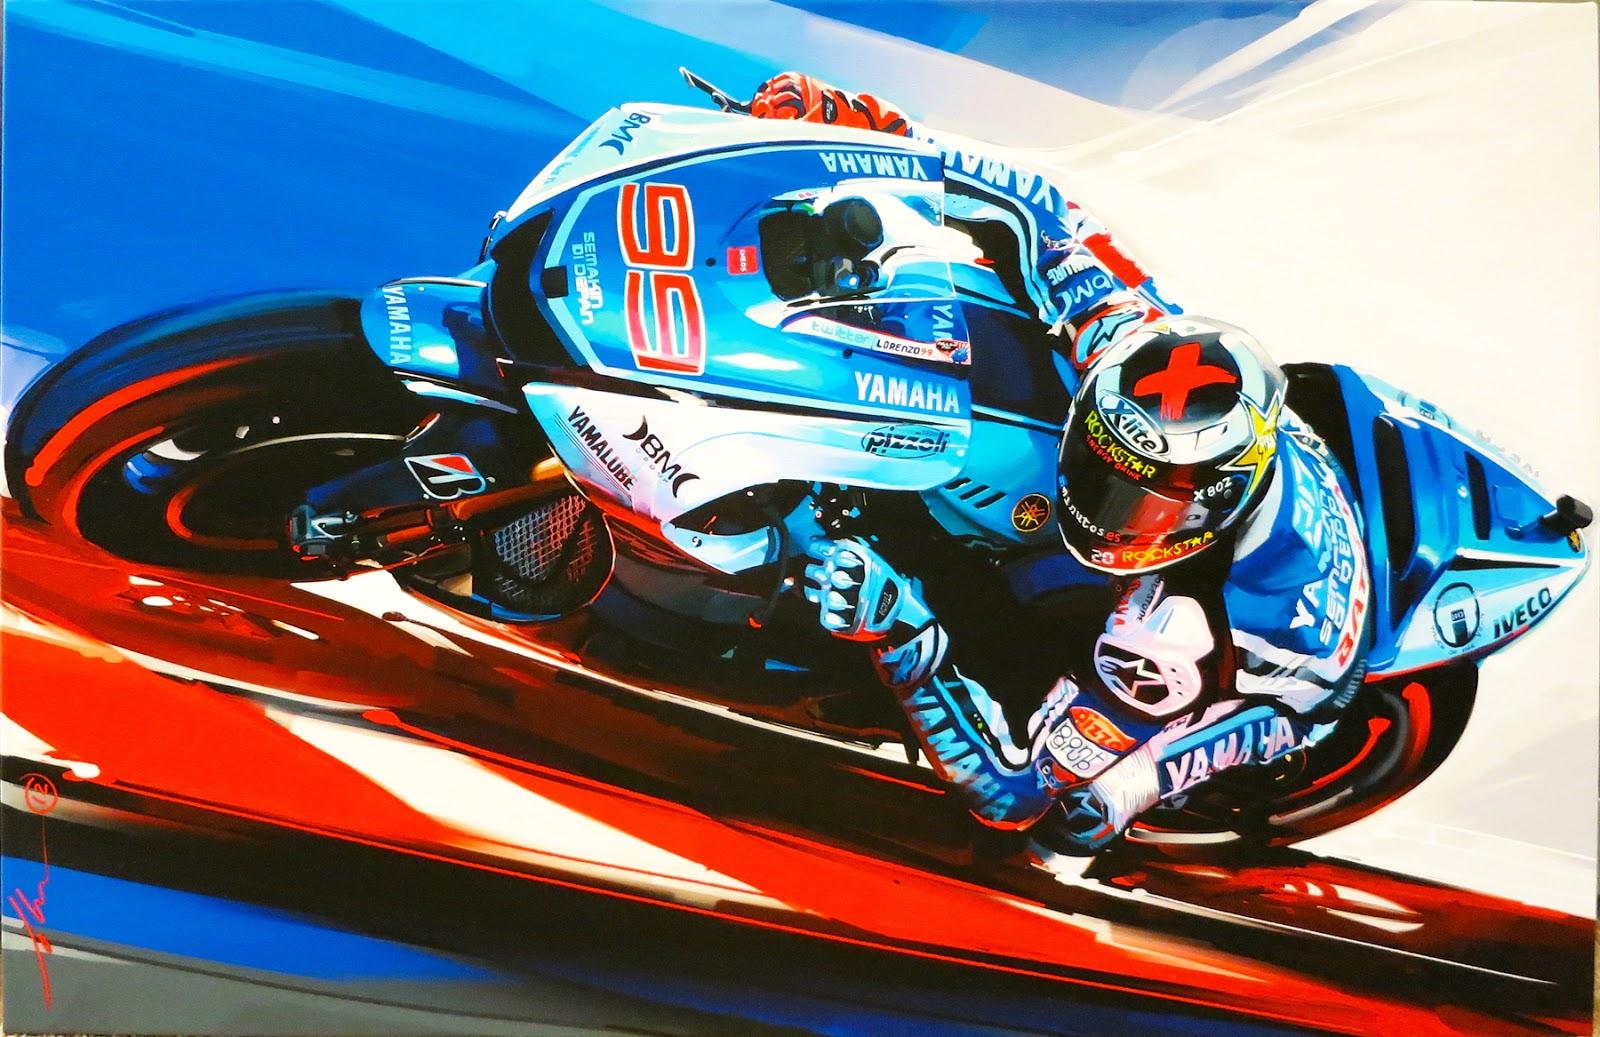 Jorge Lorenzo – 2012 MotoGP World Champion :: John Krsteski